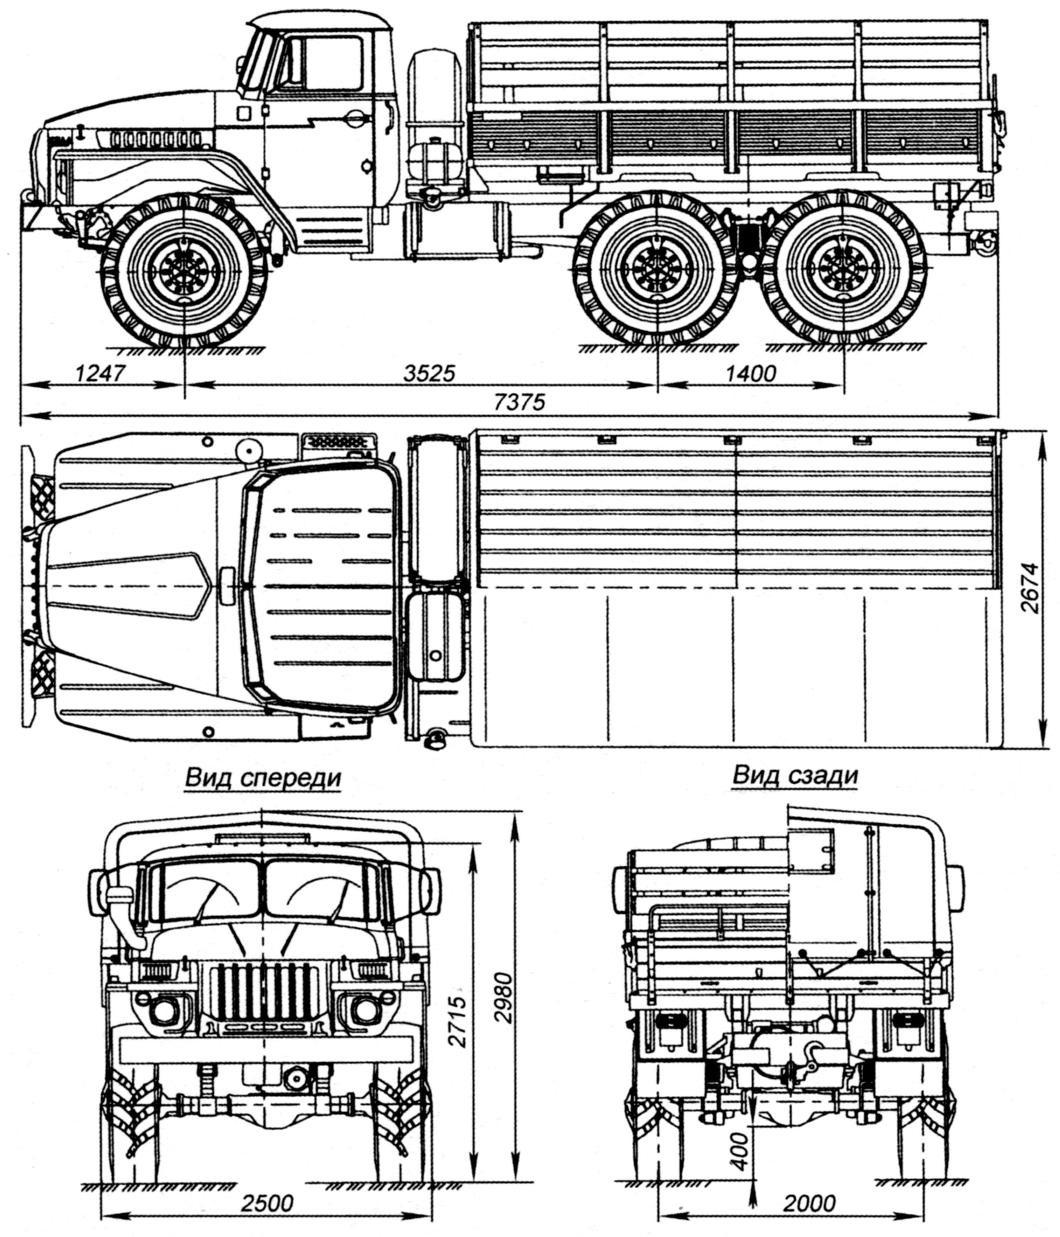 Ural Motorcycle Wiring Diagram. Ural Parts, Ural Engine ... on ural engine diagram, ural parts, ural ignition diagram,